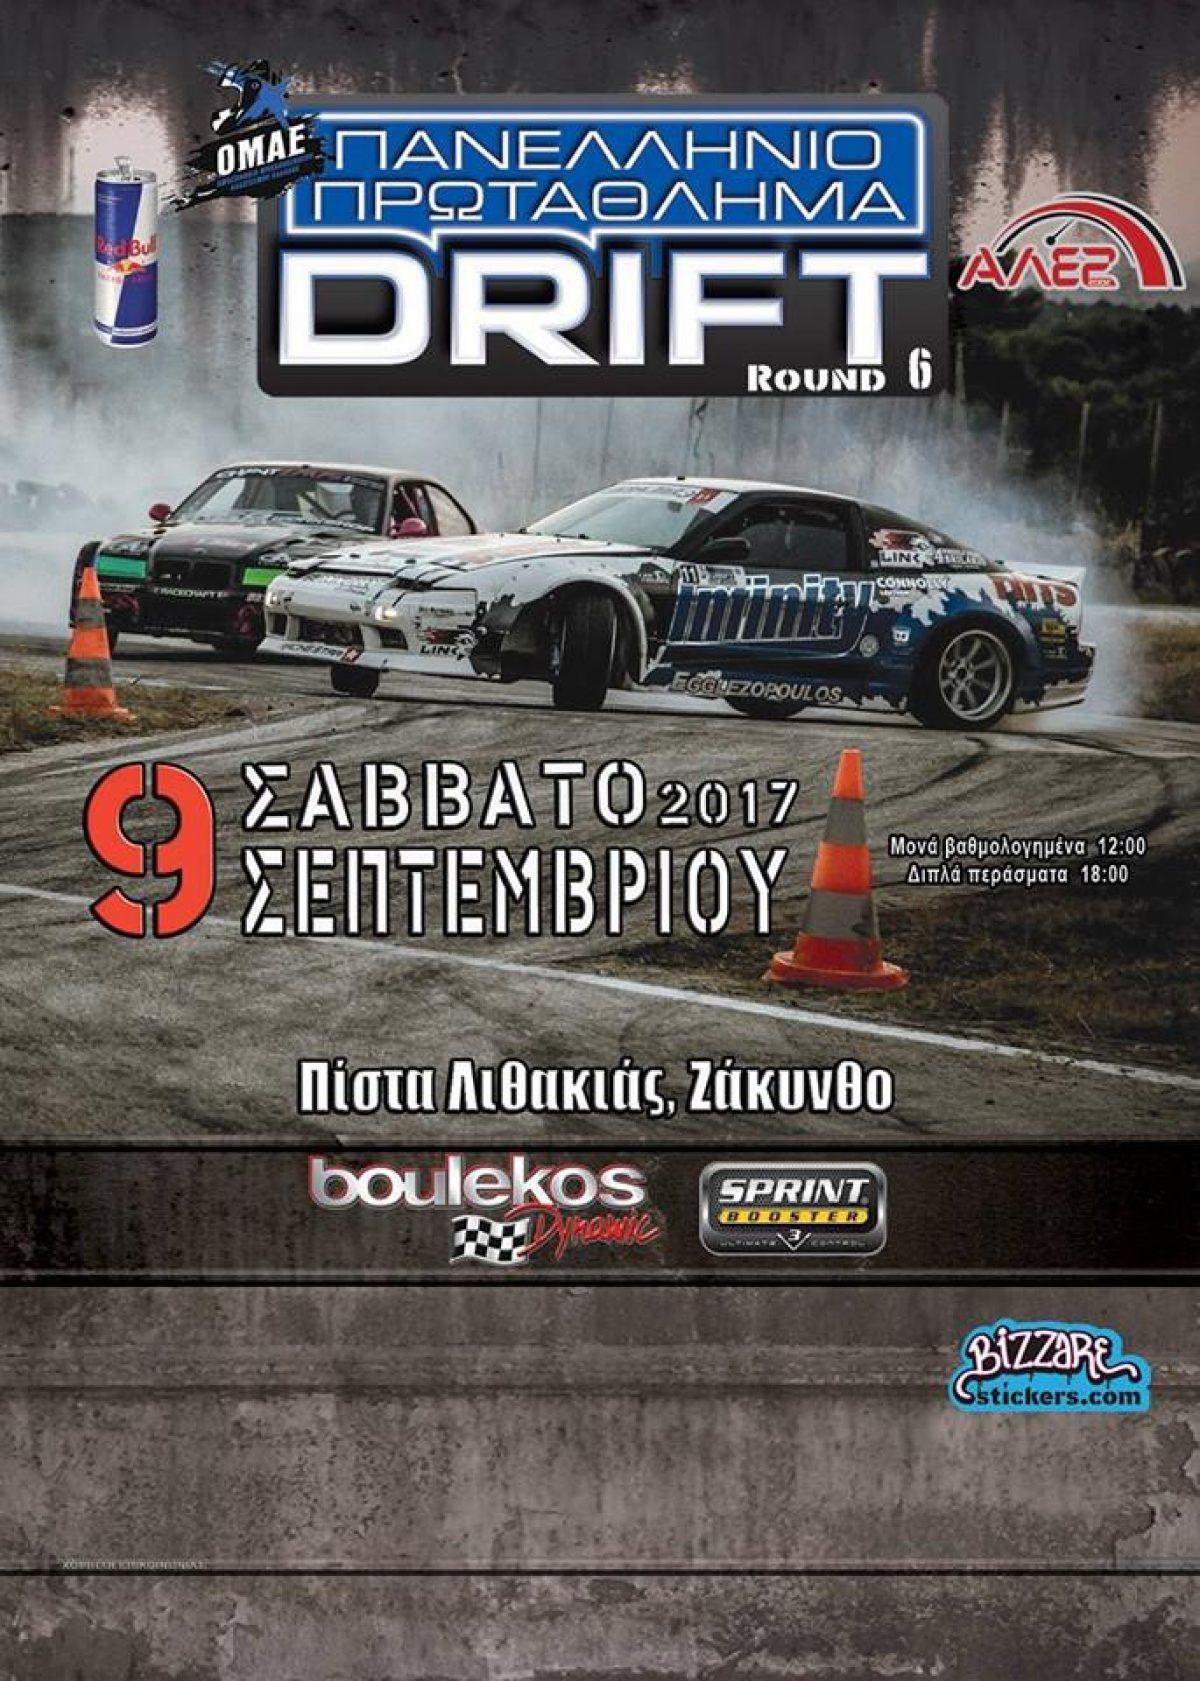 6ος γύρος Πανελληνίου Πρωταθλήματος Drift | Ζάκυνθος 9 Σεπτεμβρίου 2017